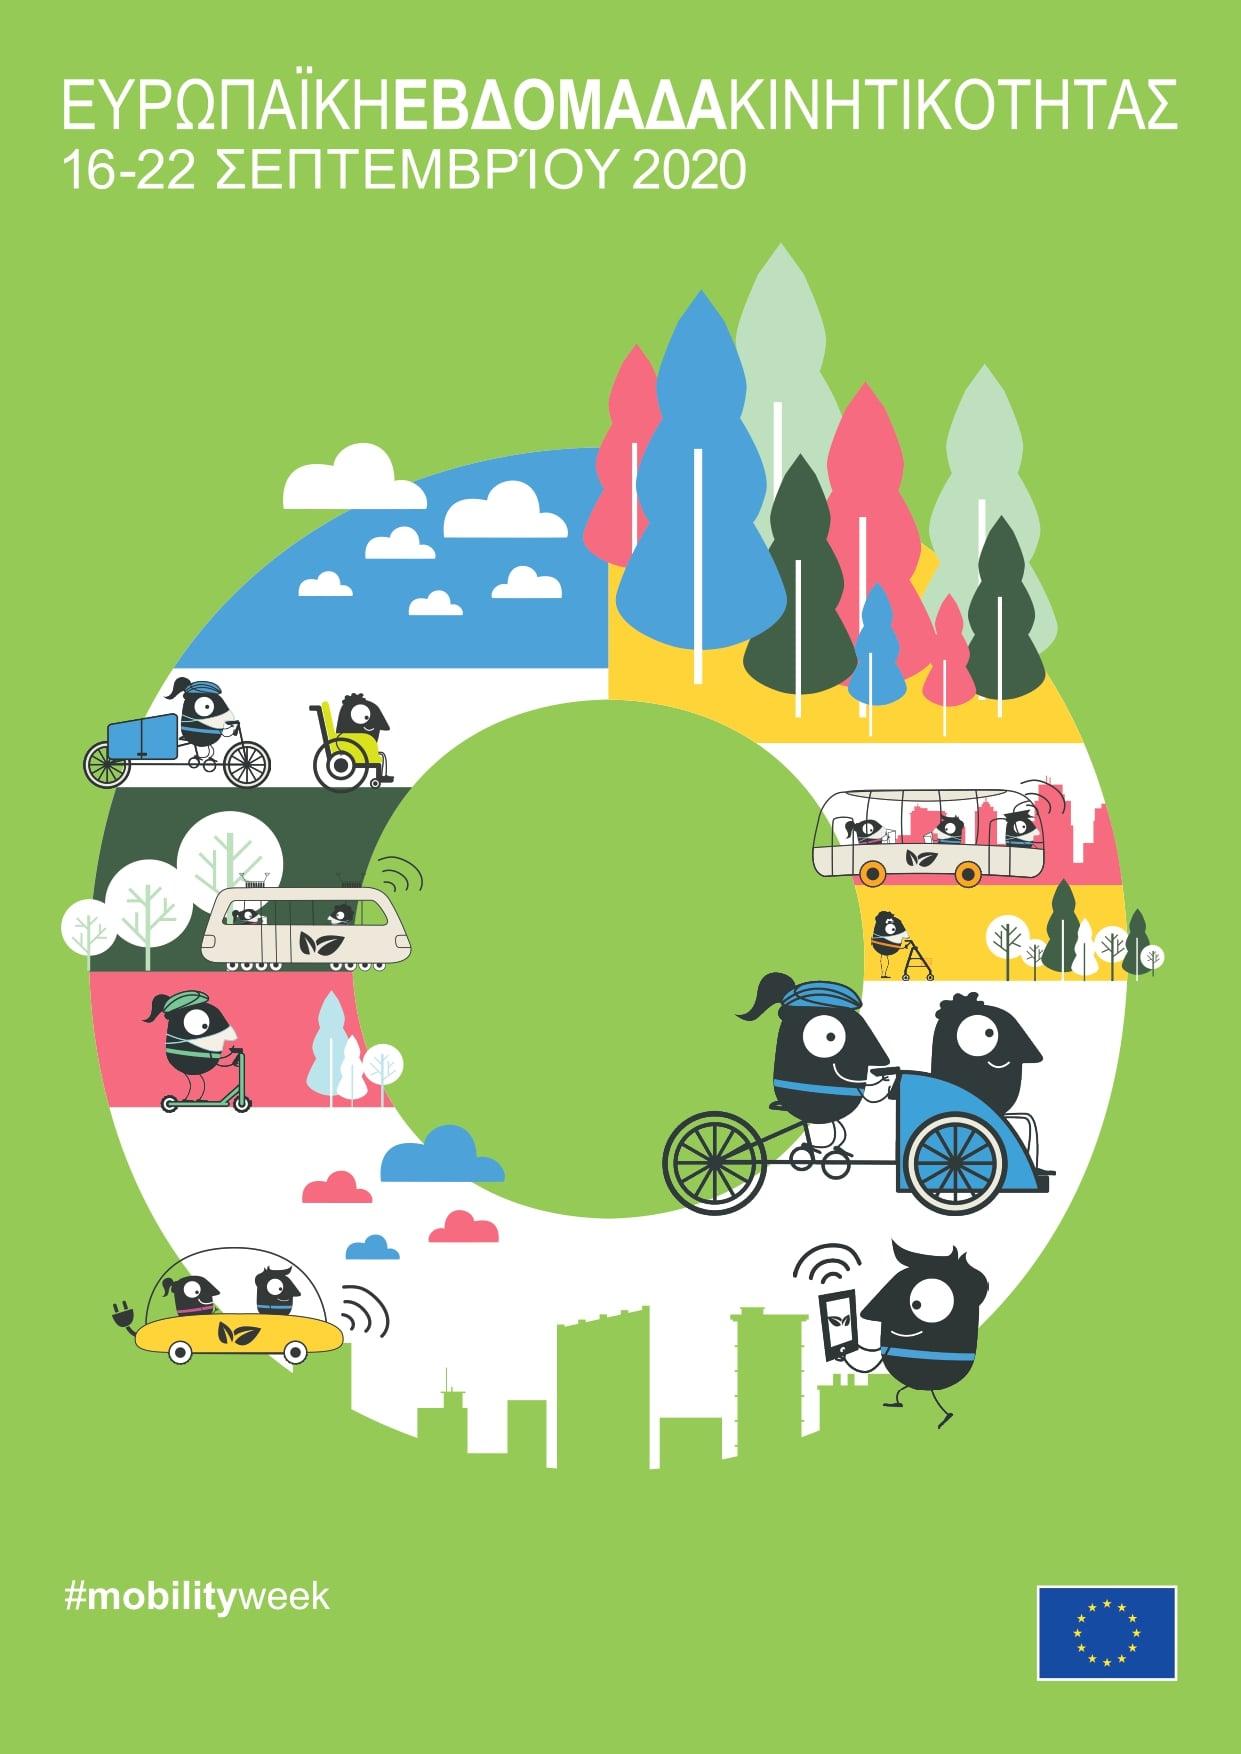 Ευρωπαϊκή Εβδομάδα κινητικότητας 16-22 Σεπτεμβρίου 2020